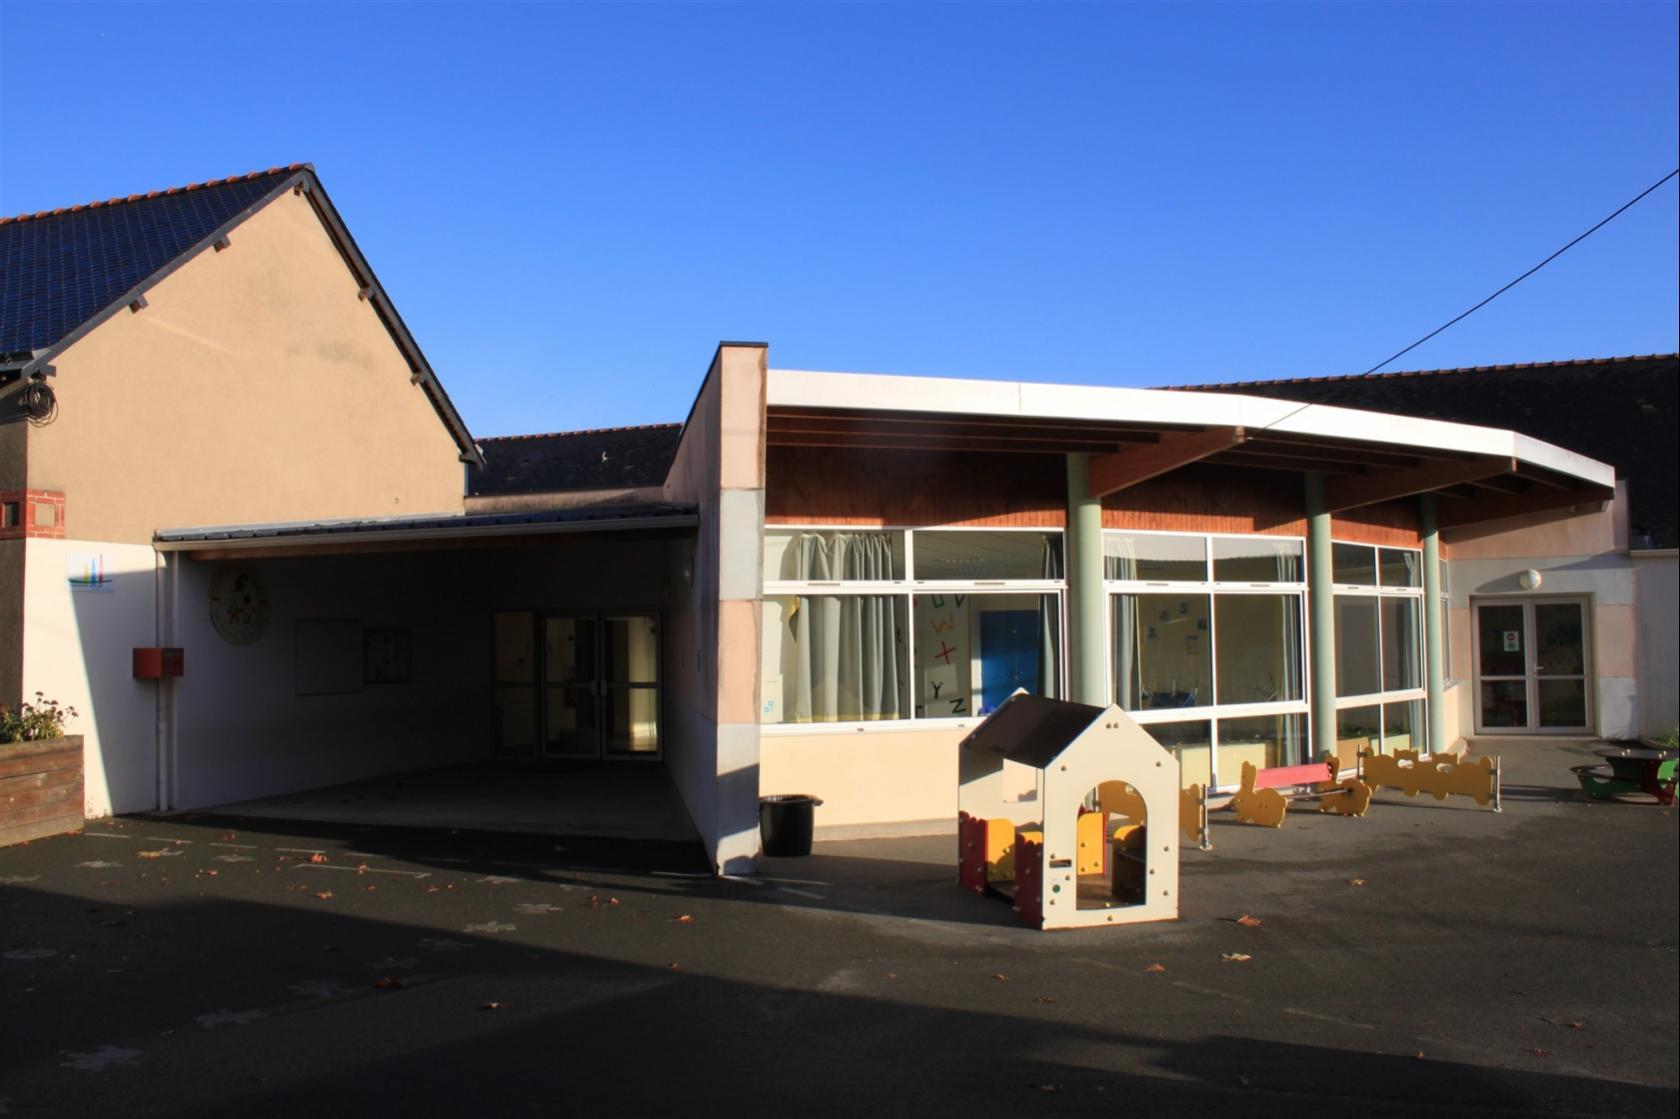 Portes ouvertes de l'école Saint-Joseph Chalonnes-sur-Loire